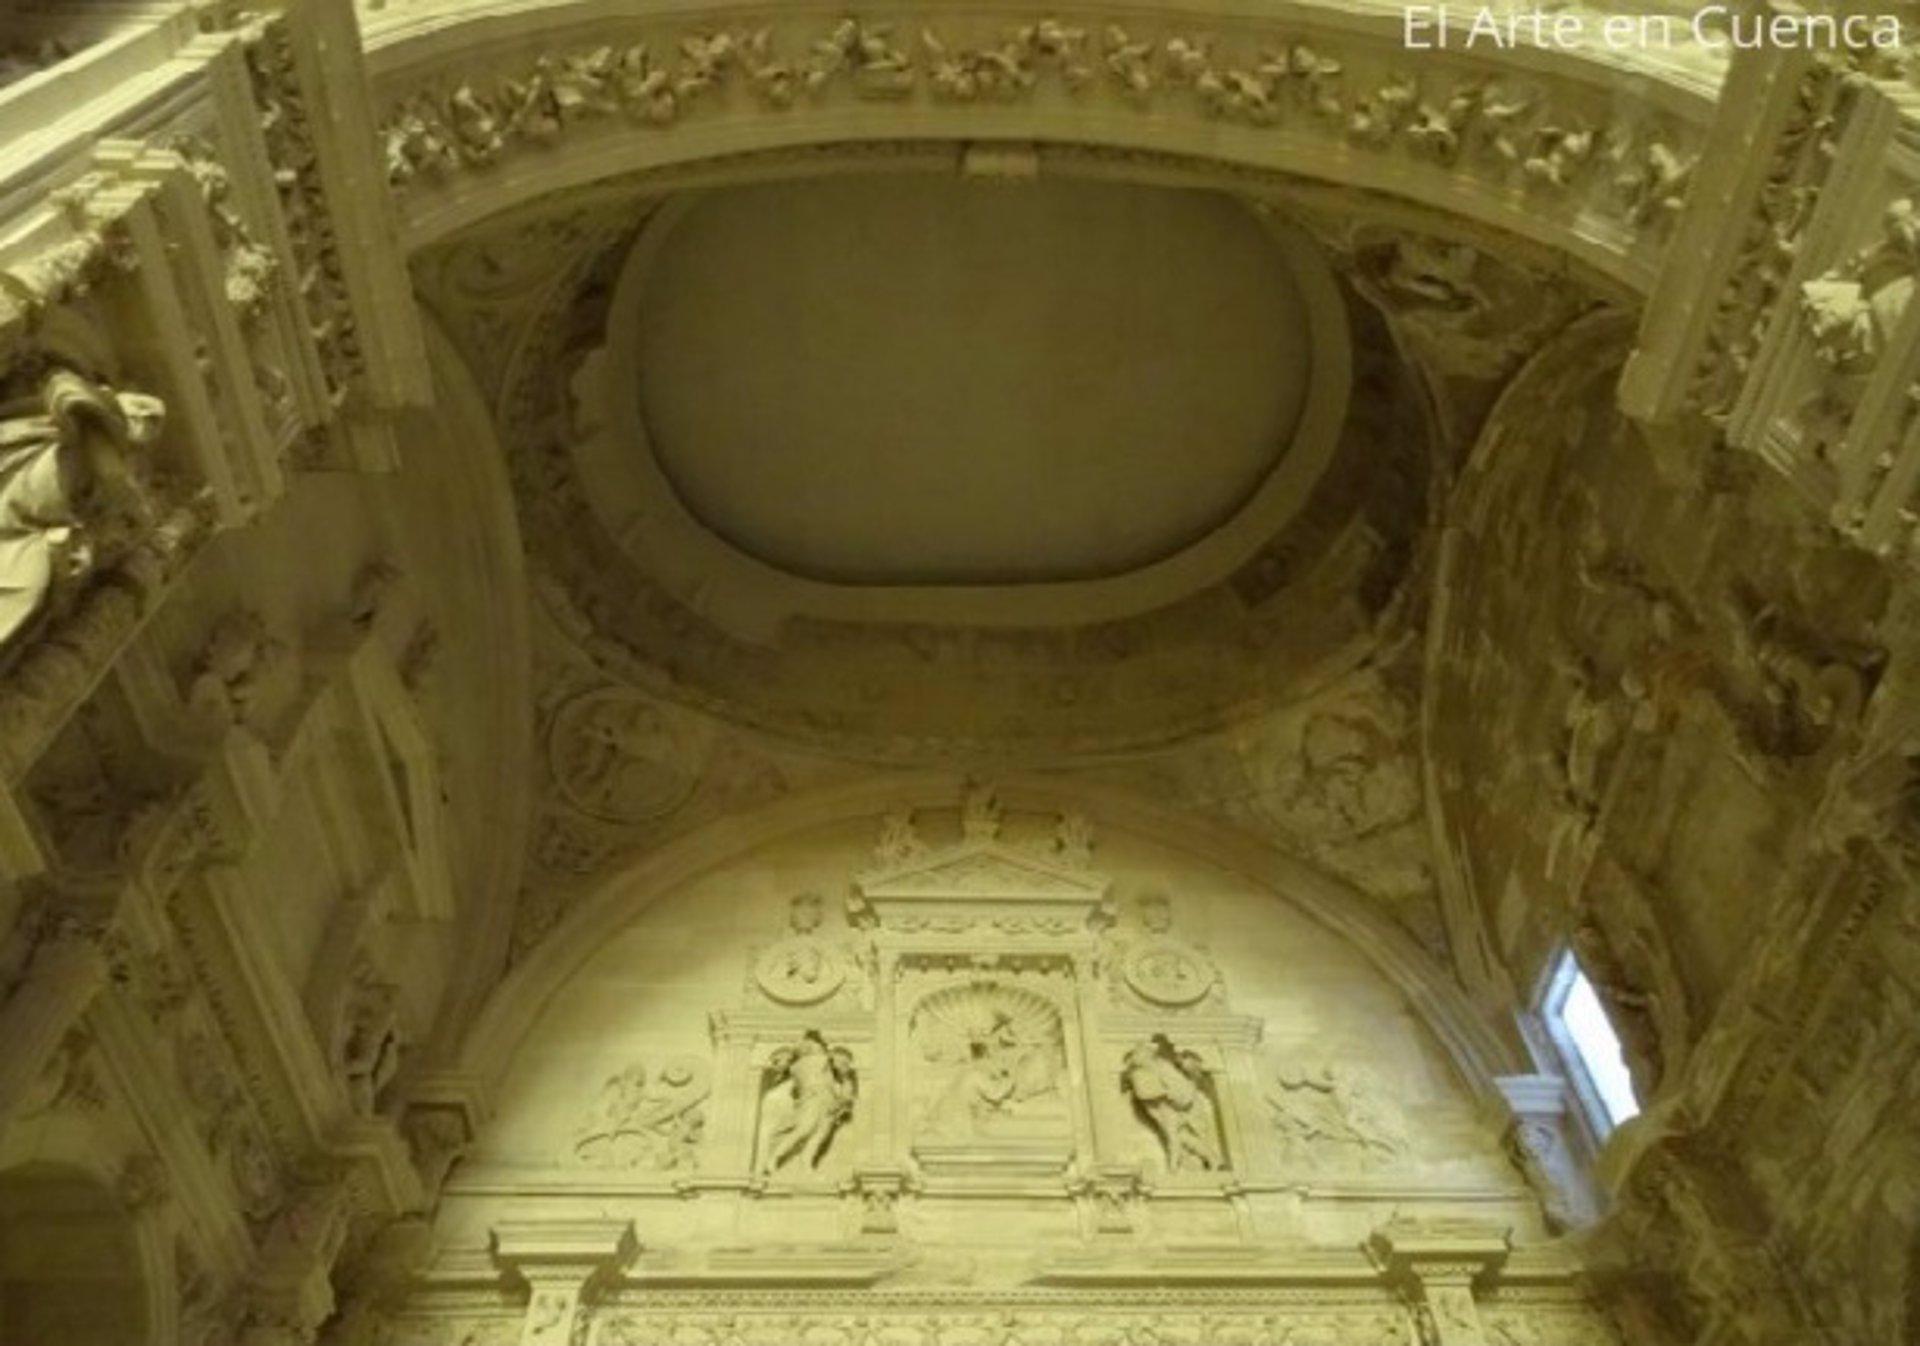 El arco de Jamete de la Catedral de Cuenca.